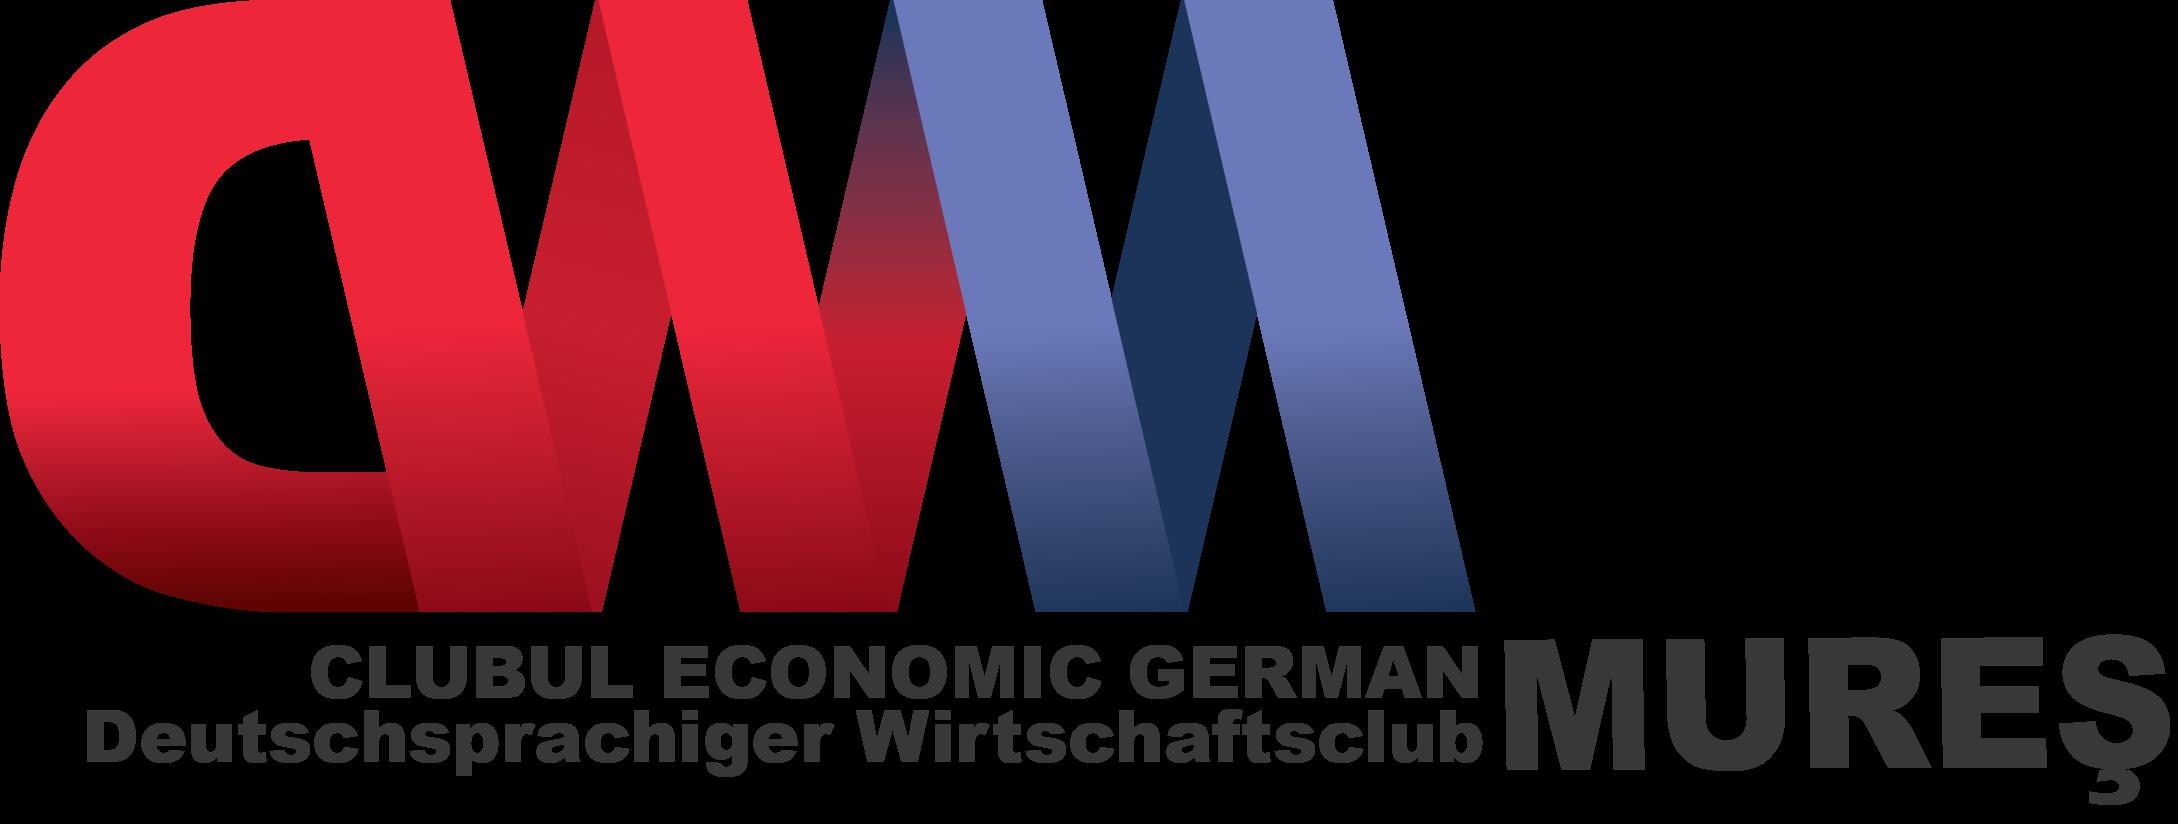 Logo for Deutschsprachiger Wirtschaftsclub Mures